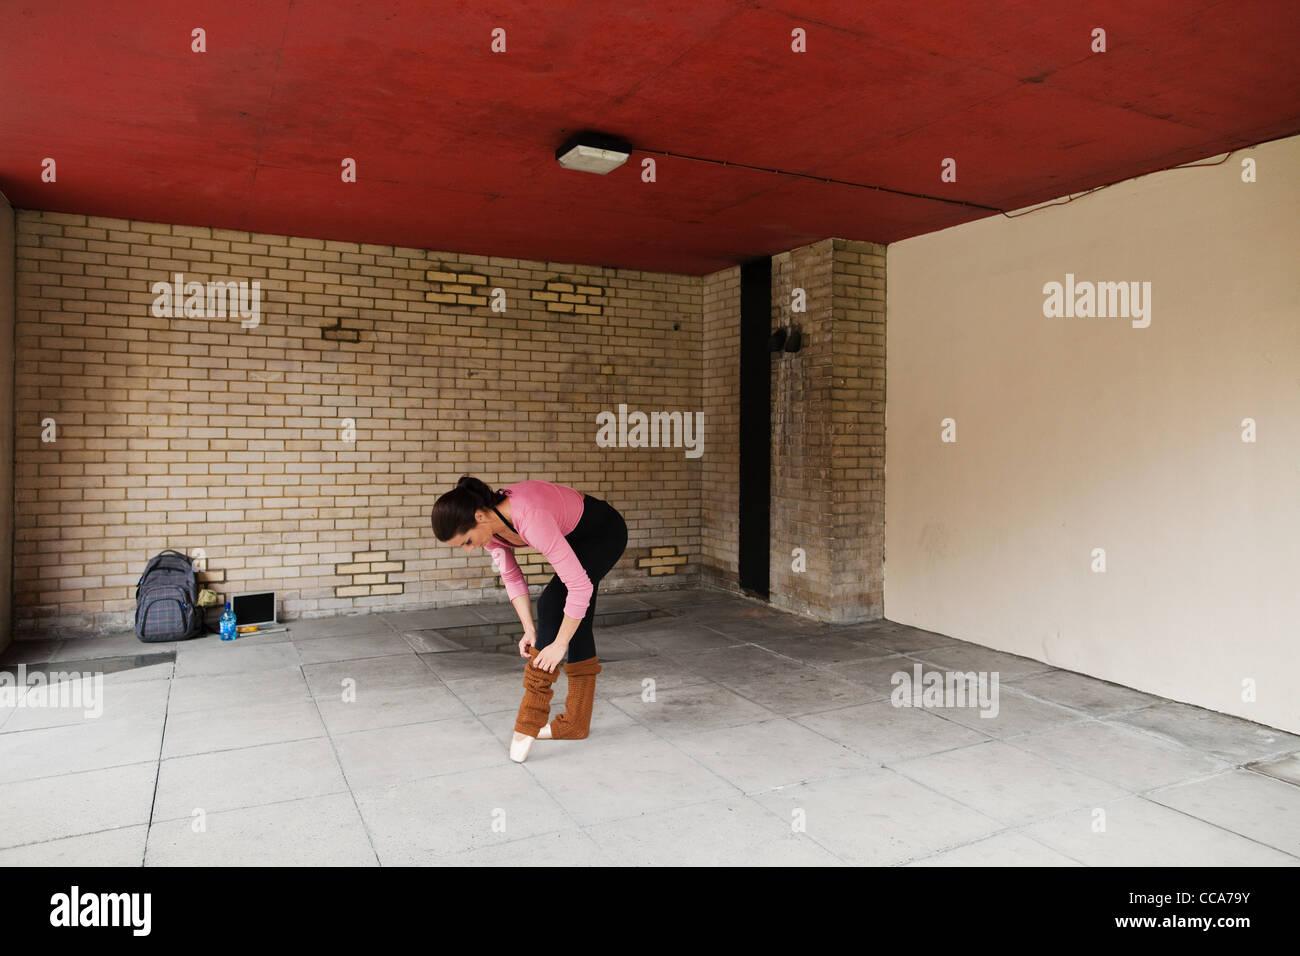 Frau Anpassung Beinlinge vor trainieren Stockbild